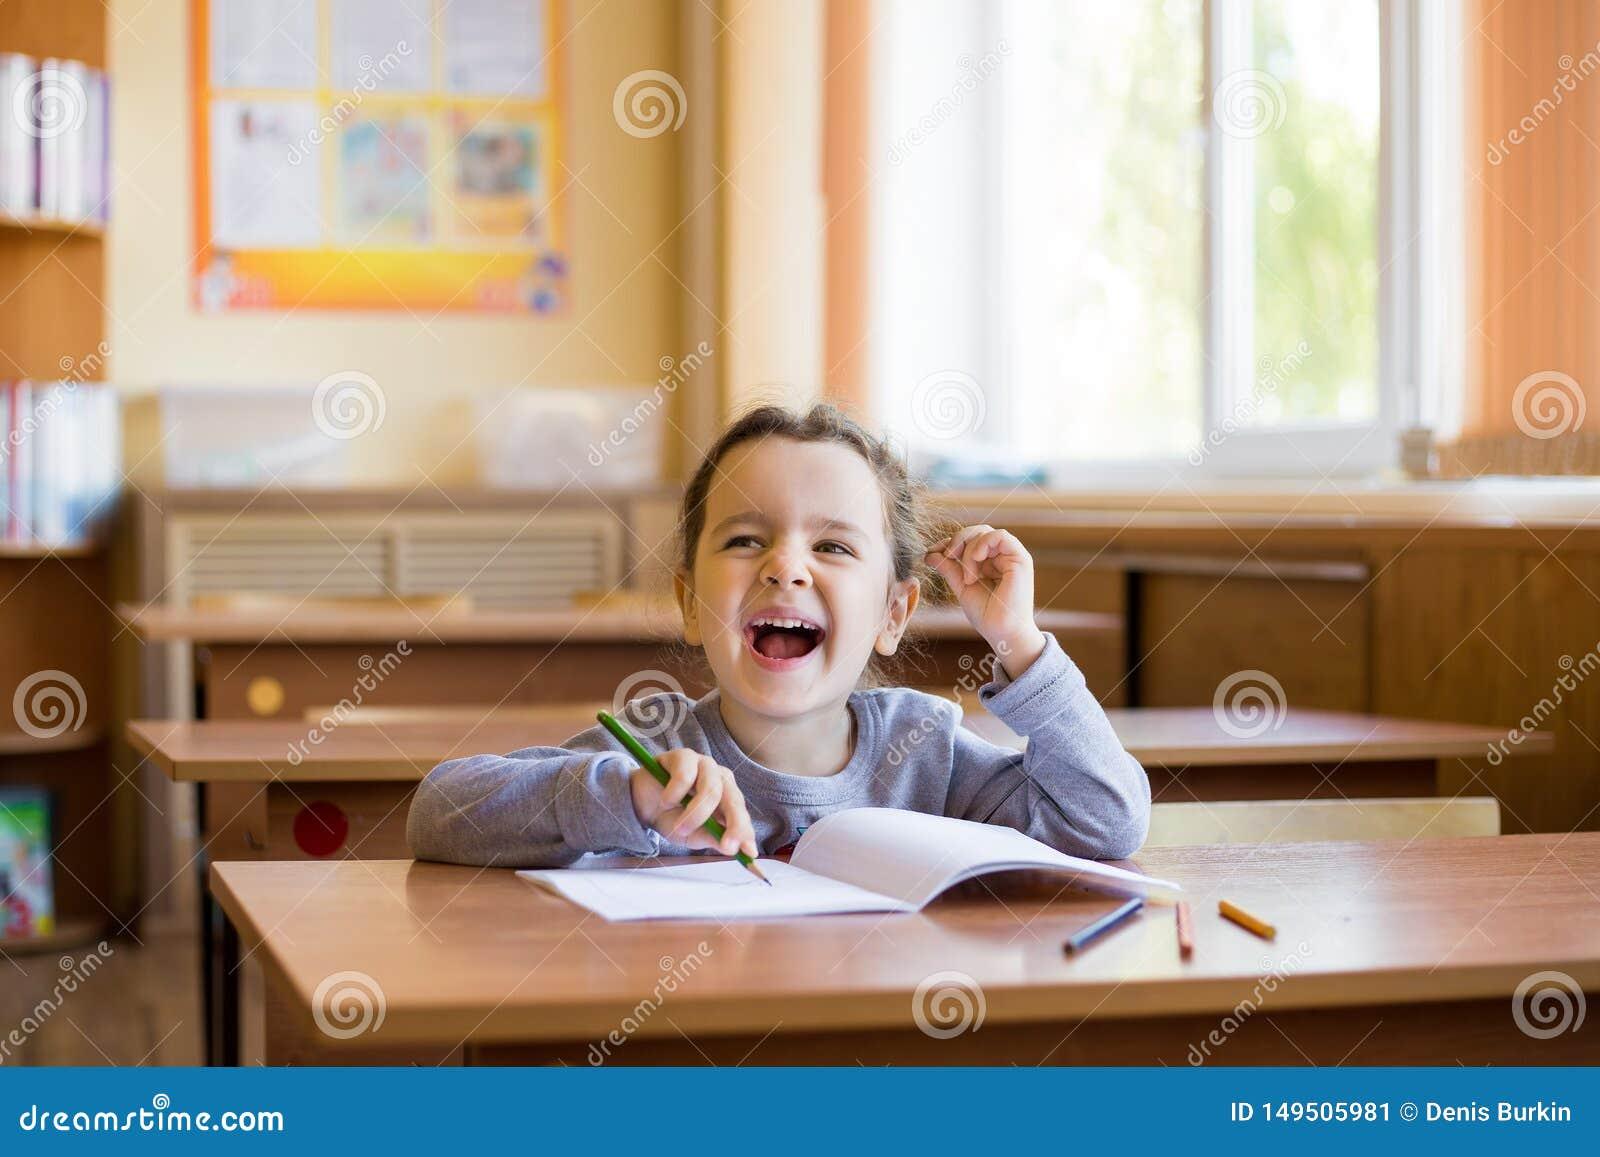 Szcz??liwy ma?y u?miechni?ty dziewczyny obsiadanie przy biurkiem w klasowym pokoju i zaczyna ostro?nie rysowa? w czystym notatnik